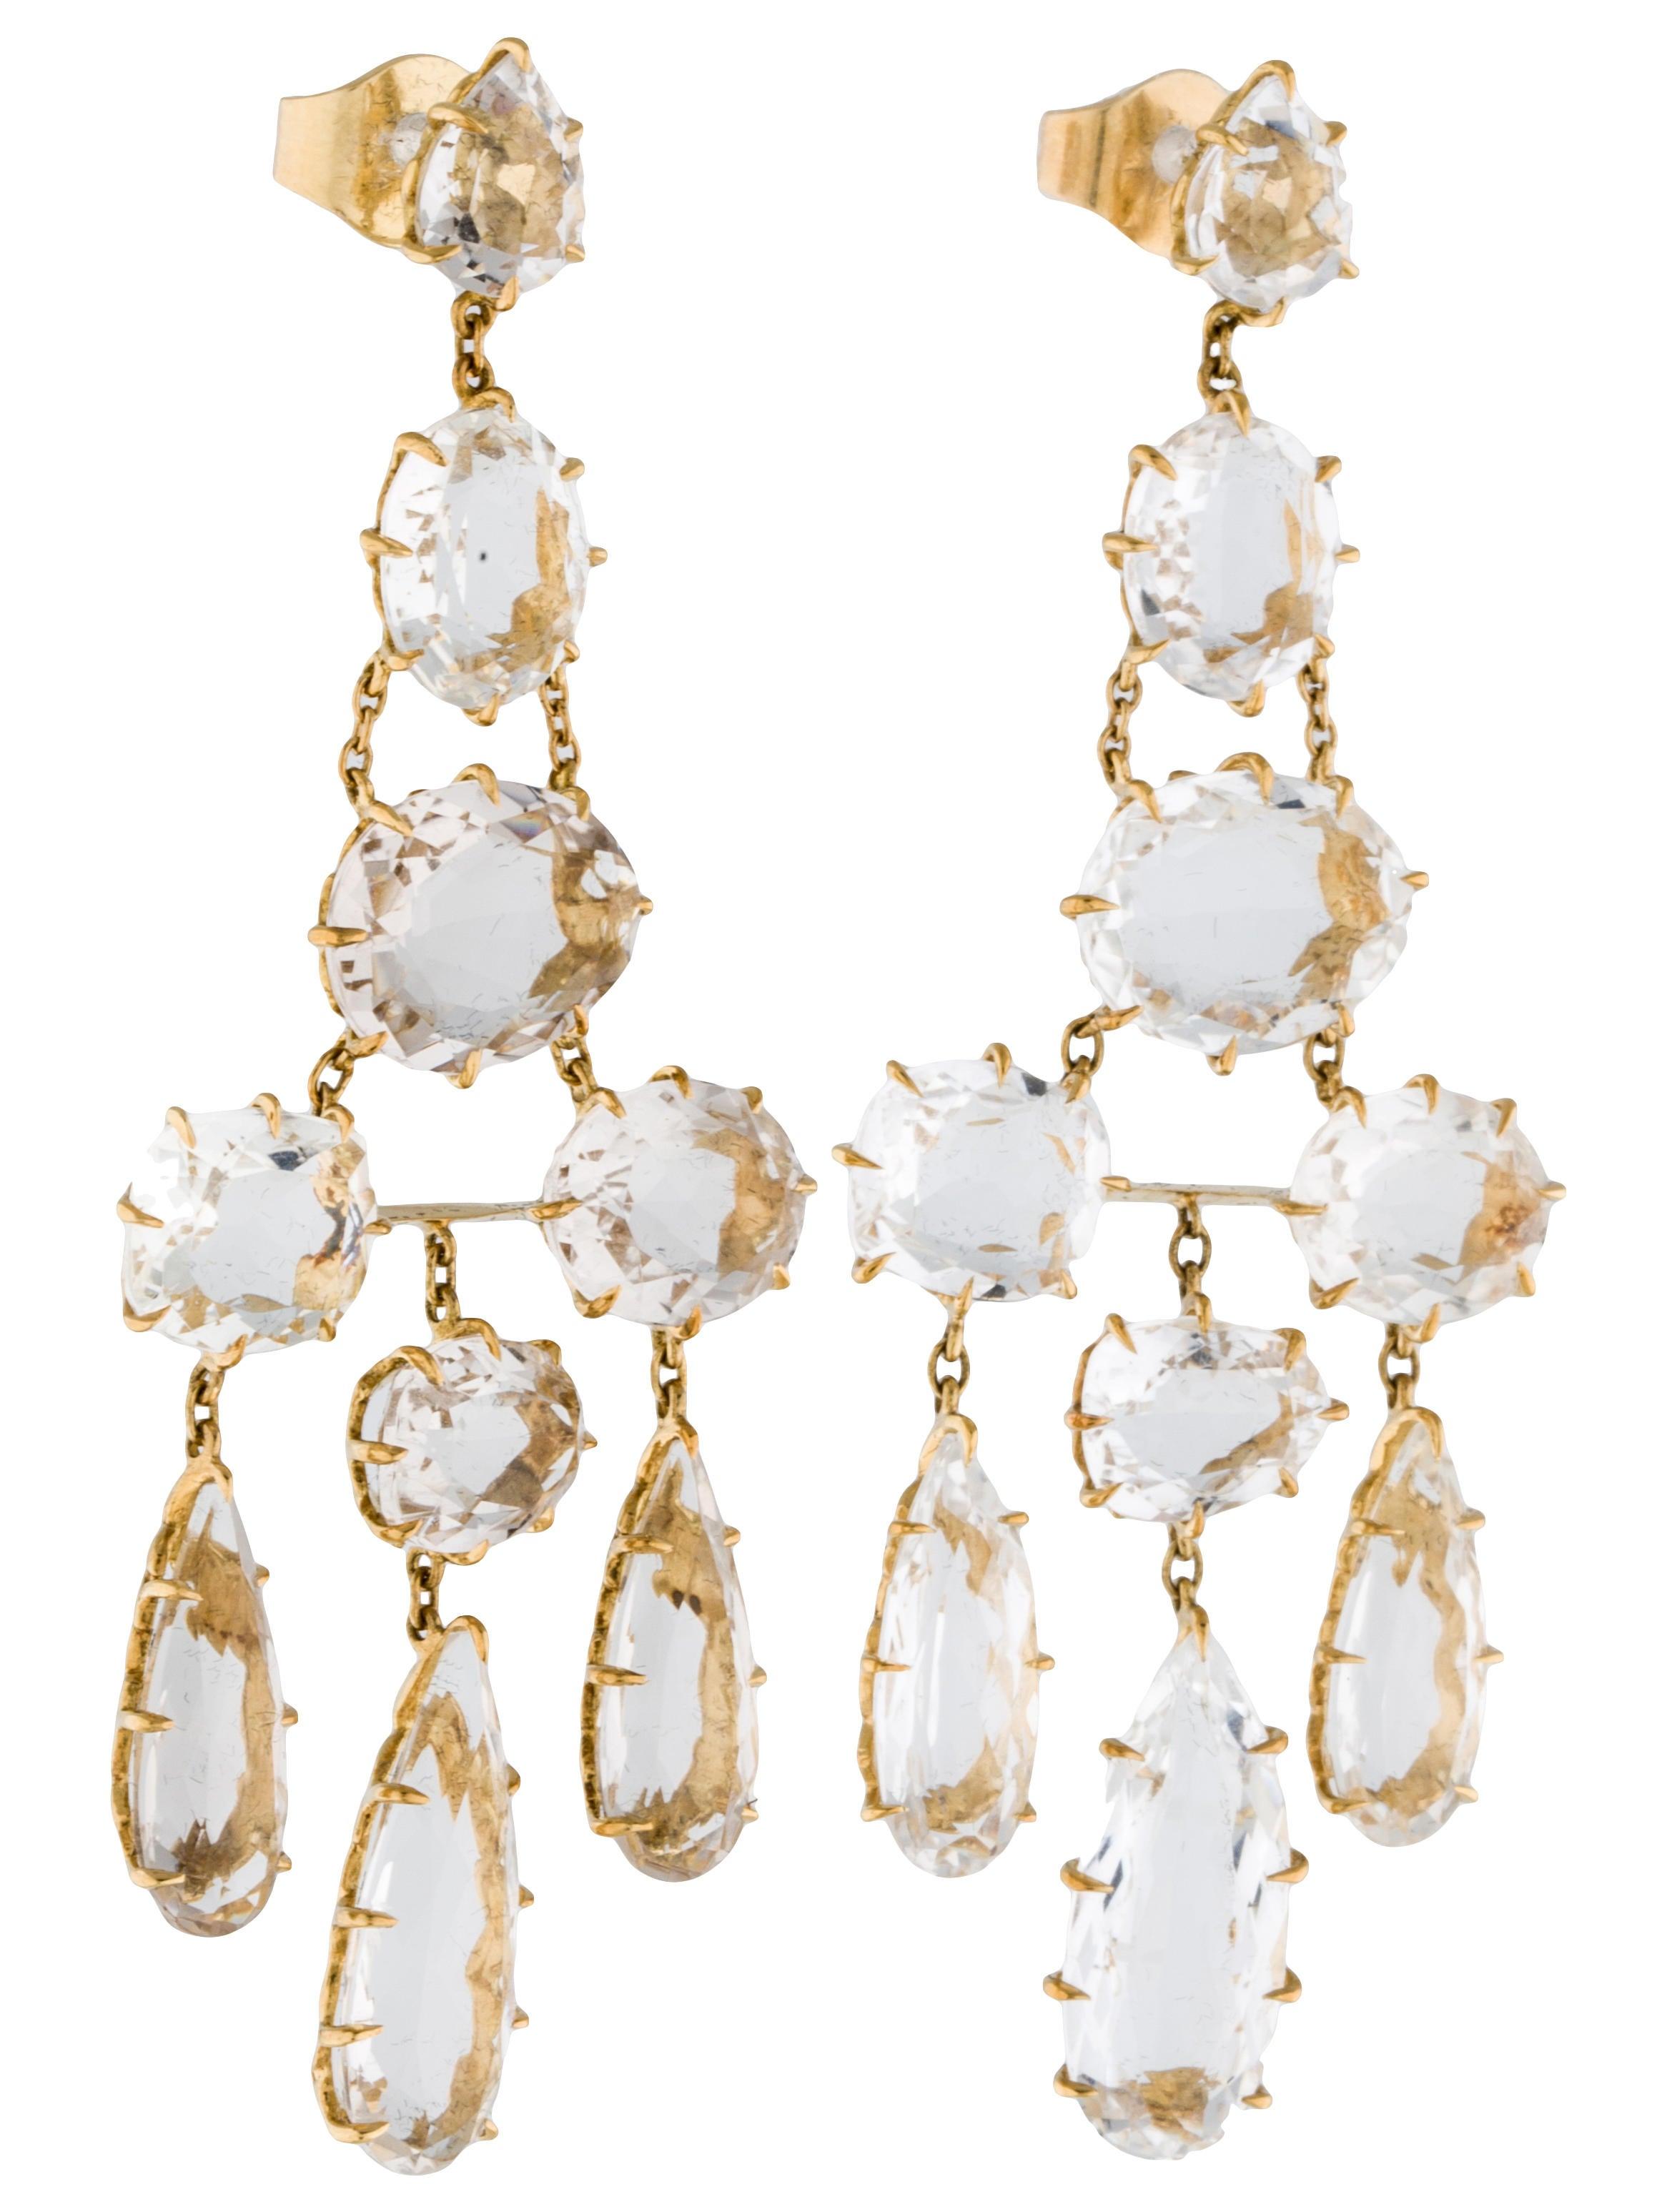 Hern rock crystal chandelier earrings earrings hst20182 rock crystal chandelier earrings arubaitofo Images